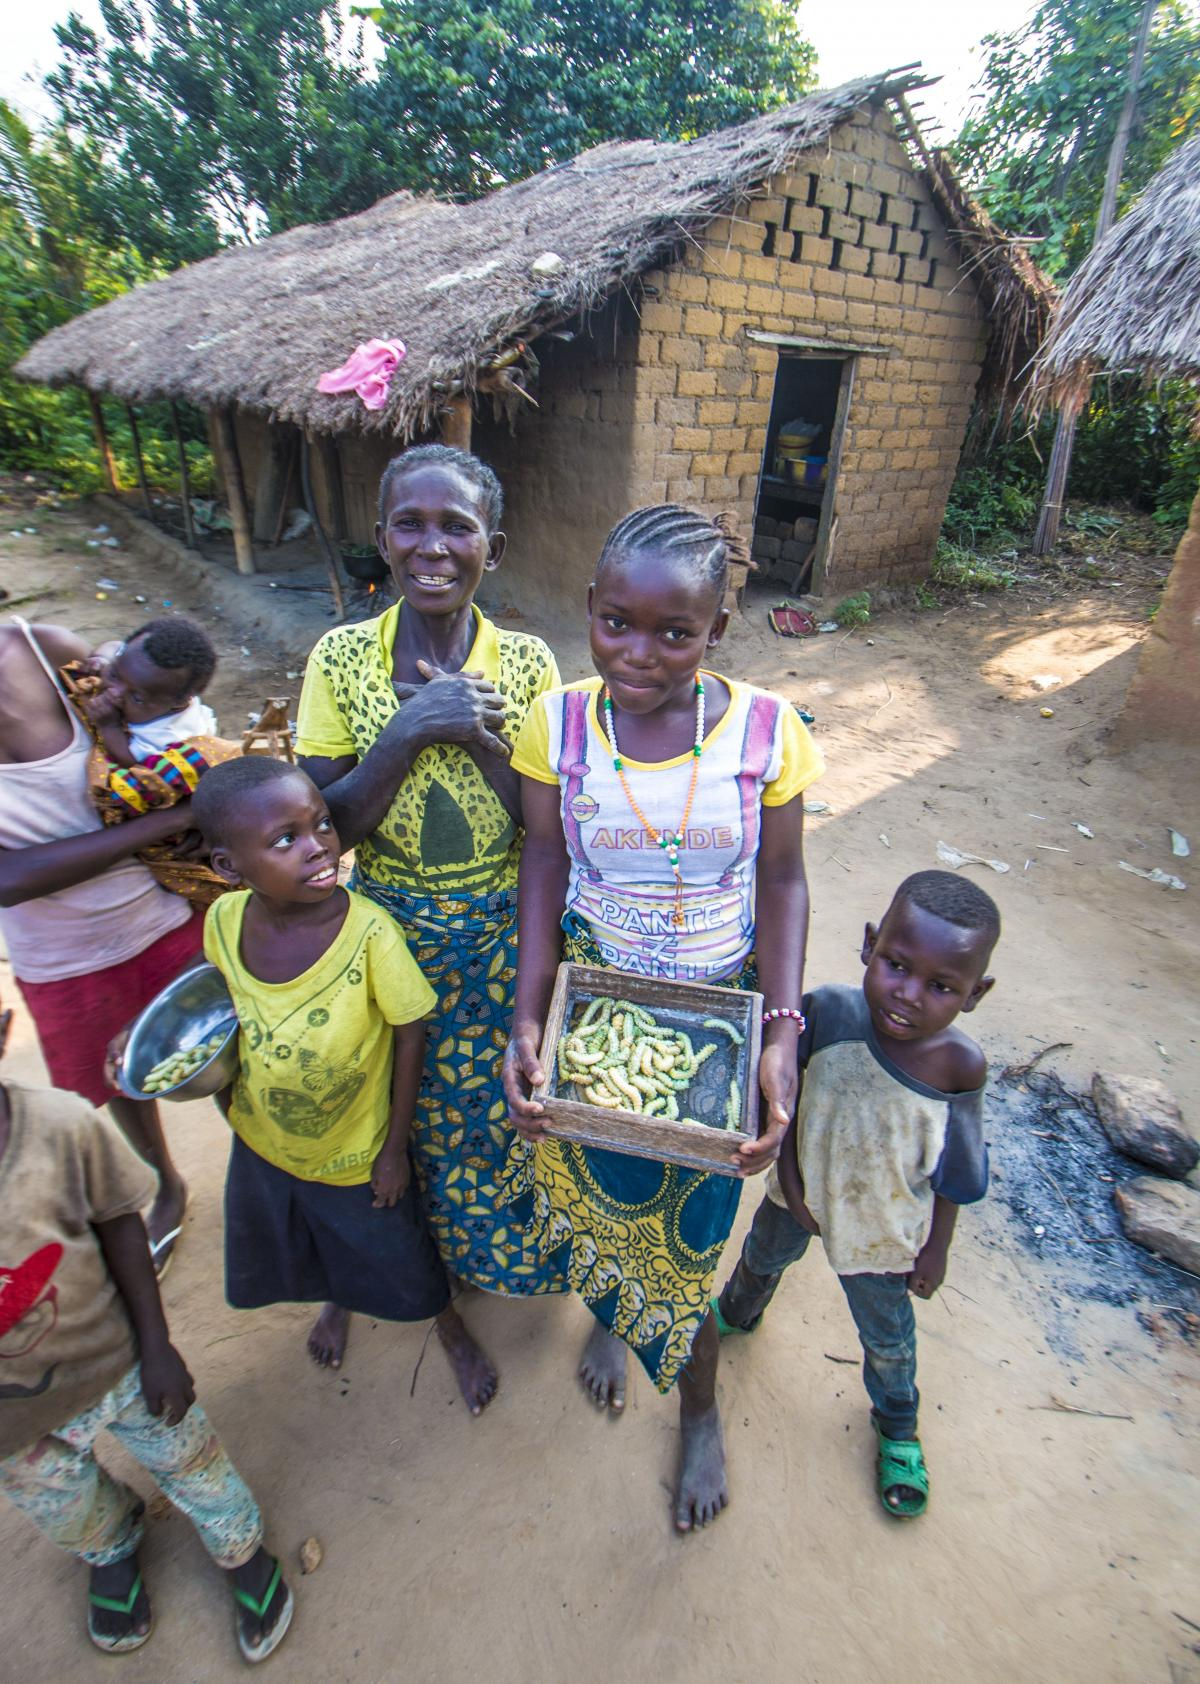 Die Raupenart Nsani gata (Samia ricini) stammt aus Indien, wurde aber von der Bevölkerung im Zentralkongo sofort akzeptiert.